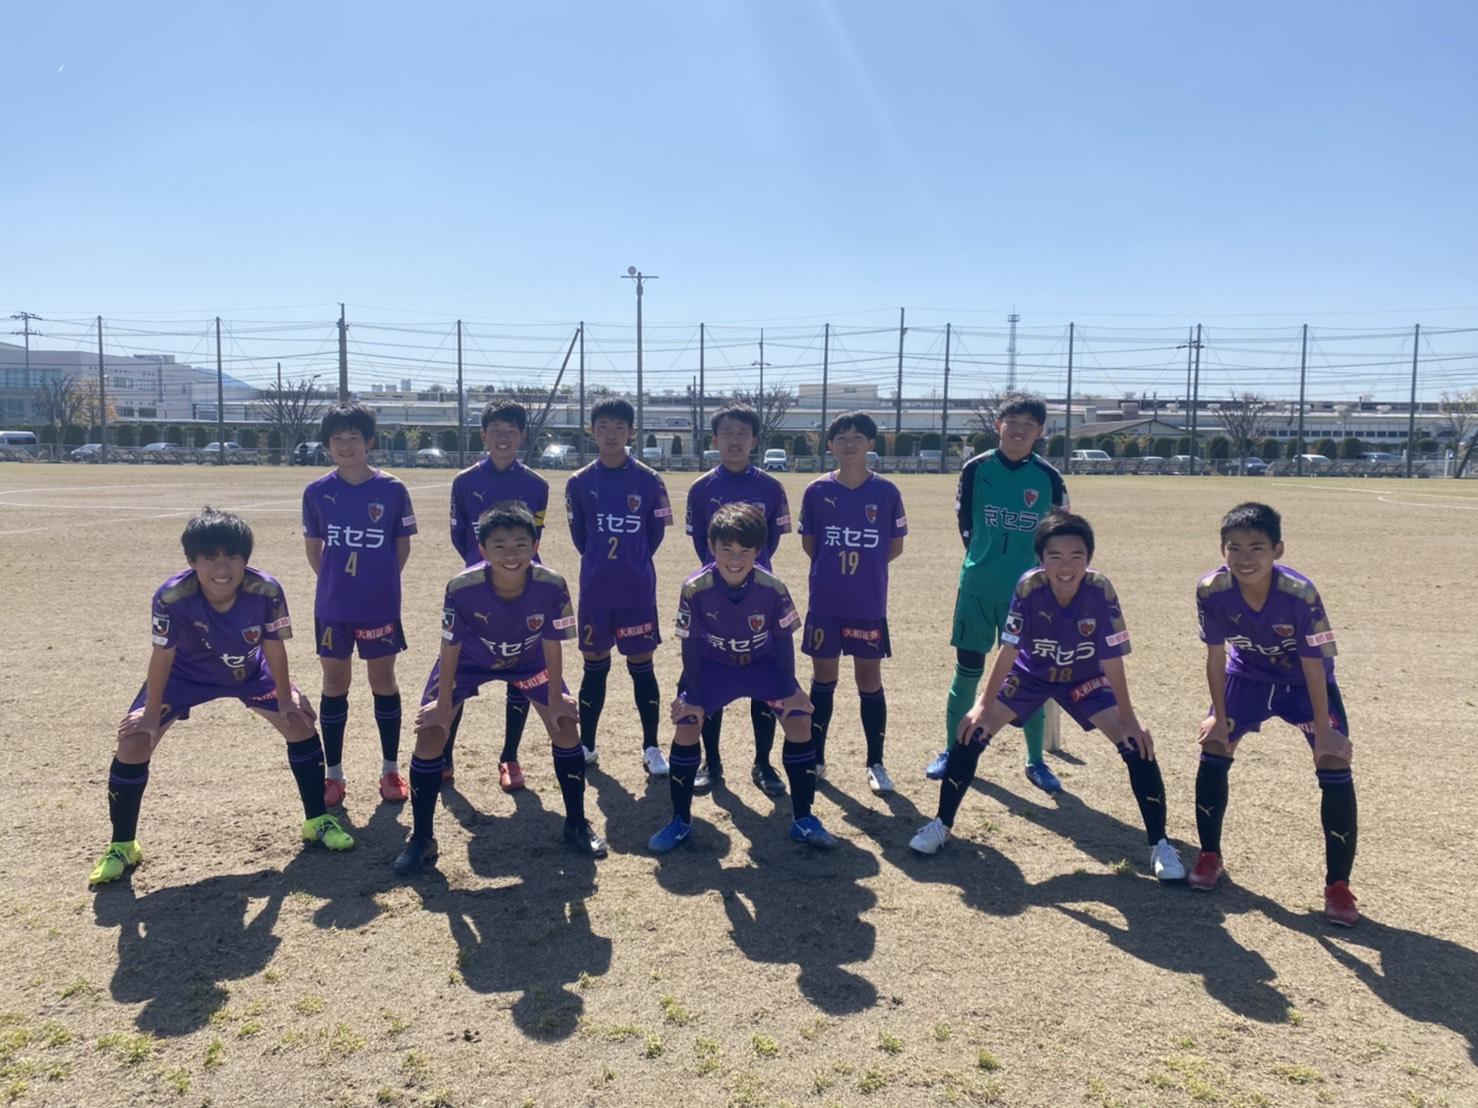 【U-15】高円宮杯JFA U-15サッカーリーグ滋賀2021 2部リーグ第8節